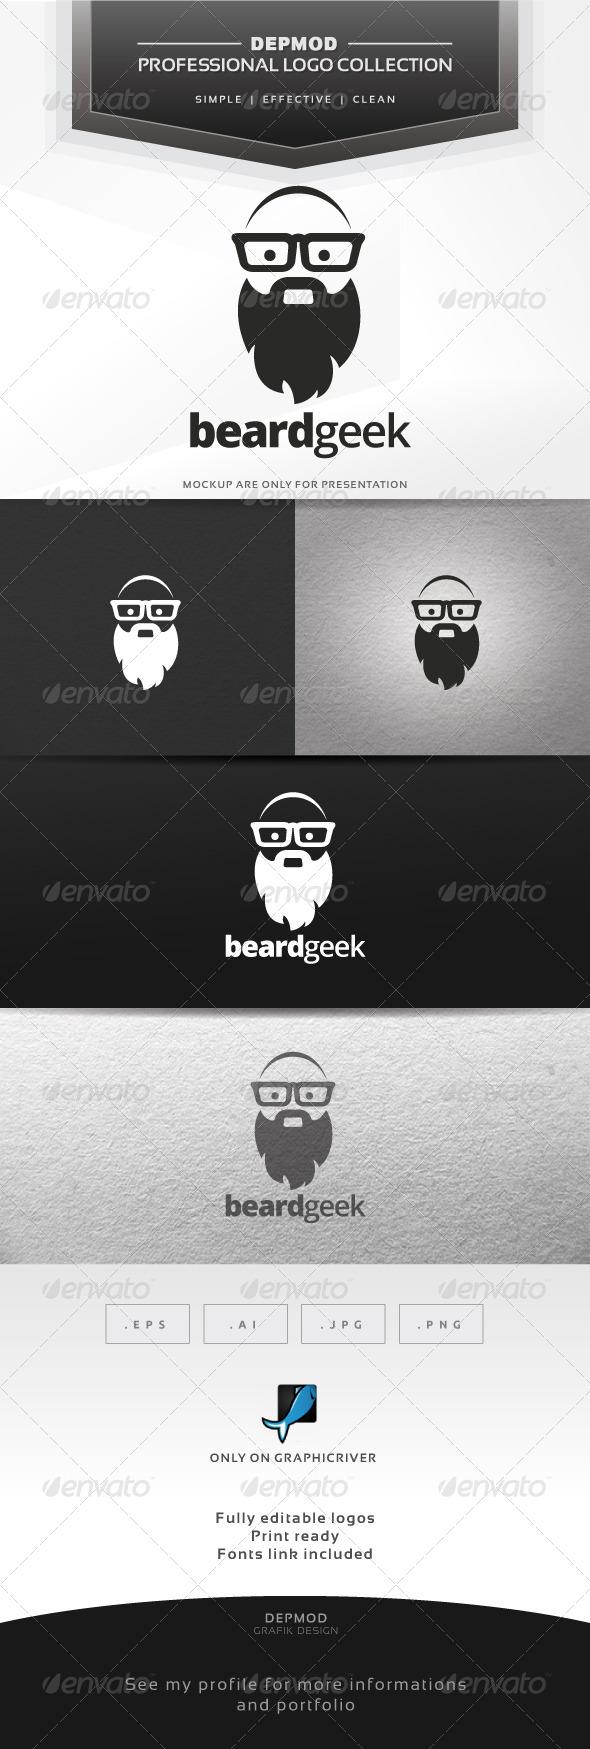 GraphicRiver Beard Geek Logo 6537219